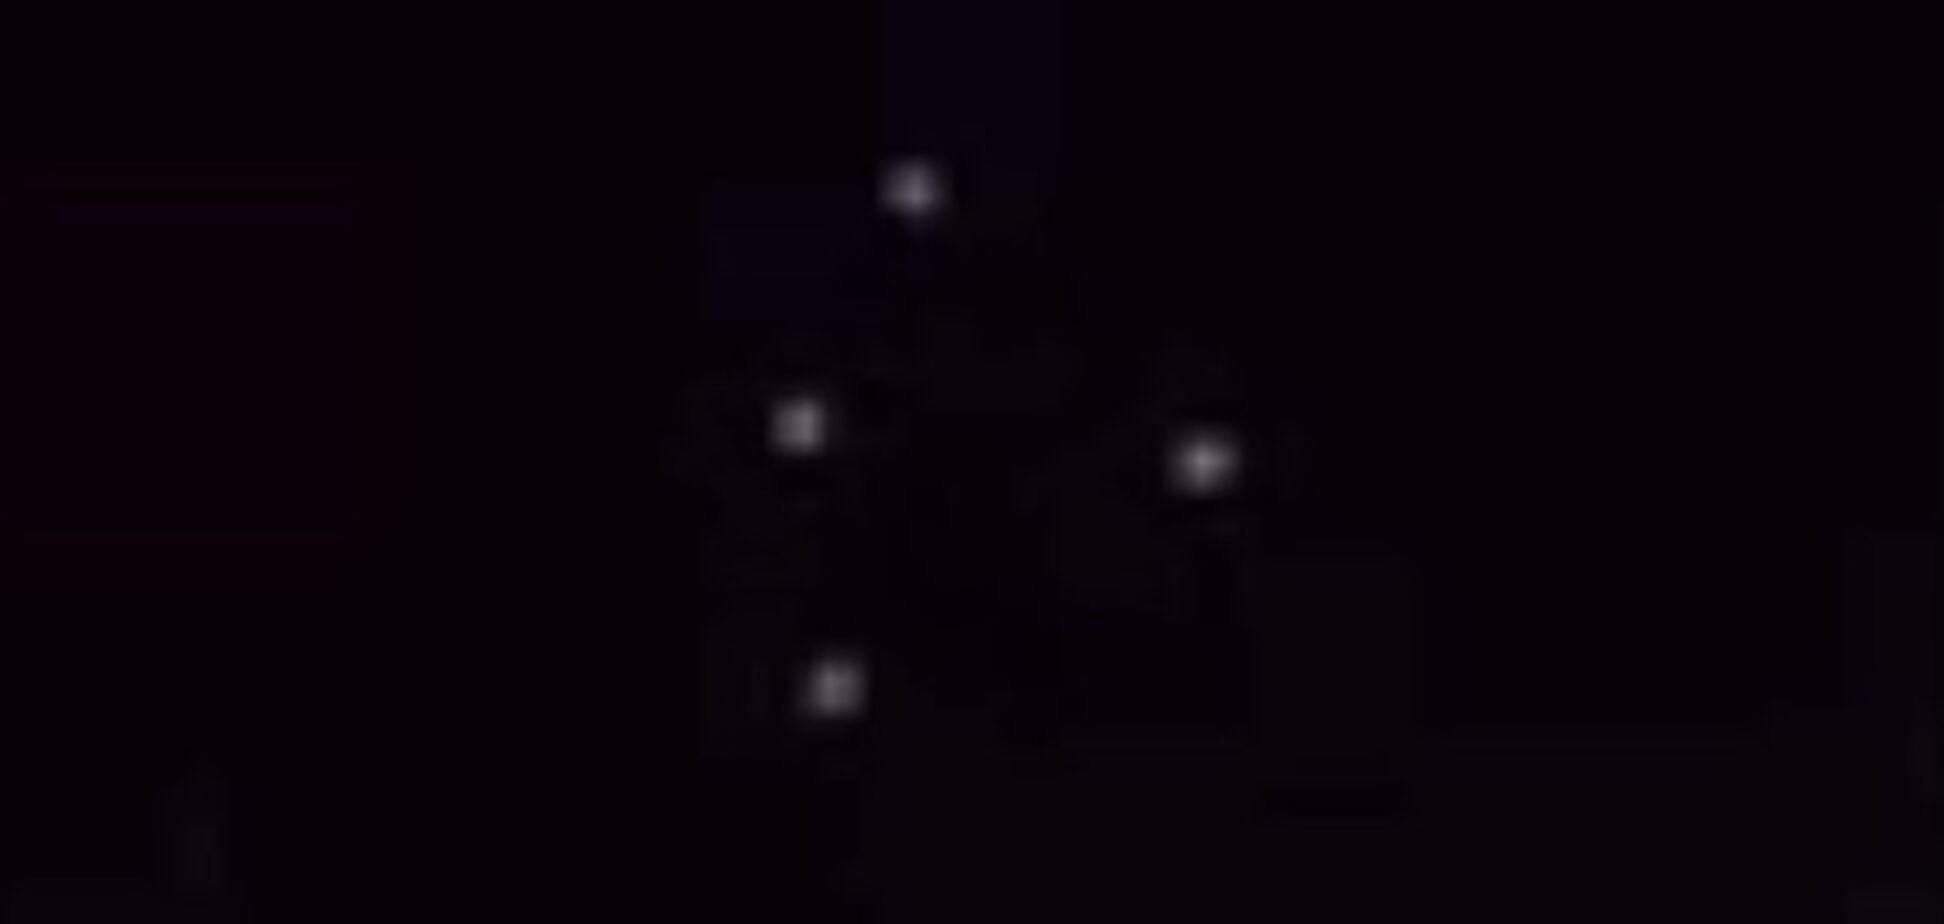 В небе над США засняли мифический черный треугольник: видеофакт